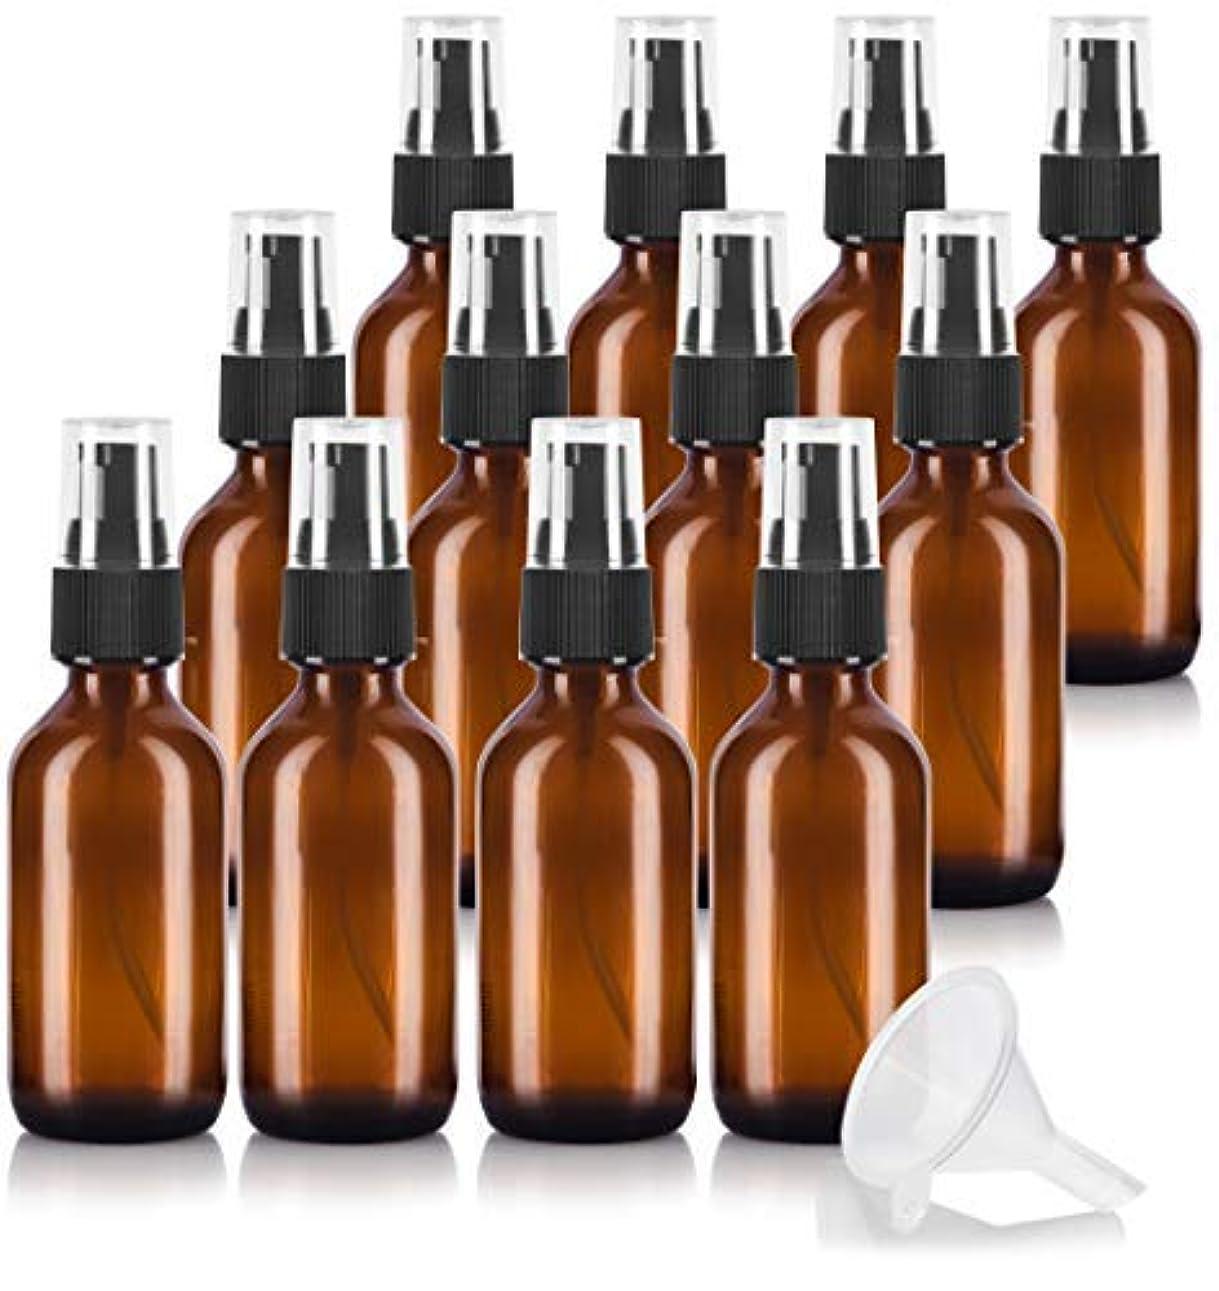 残基できない支出2 oz Amber Glass Boston Round Treatment Pump Bottle (12 pack) + Funnel and Labels for essential oils, aromatherapy, food grade, bpa free [並行輸入品]